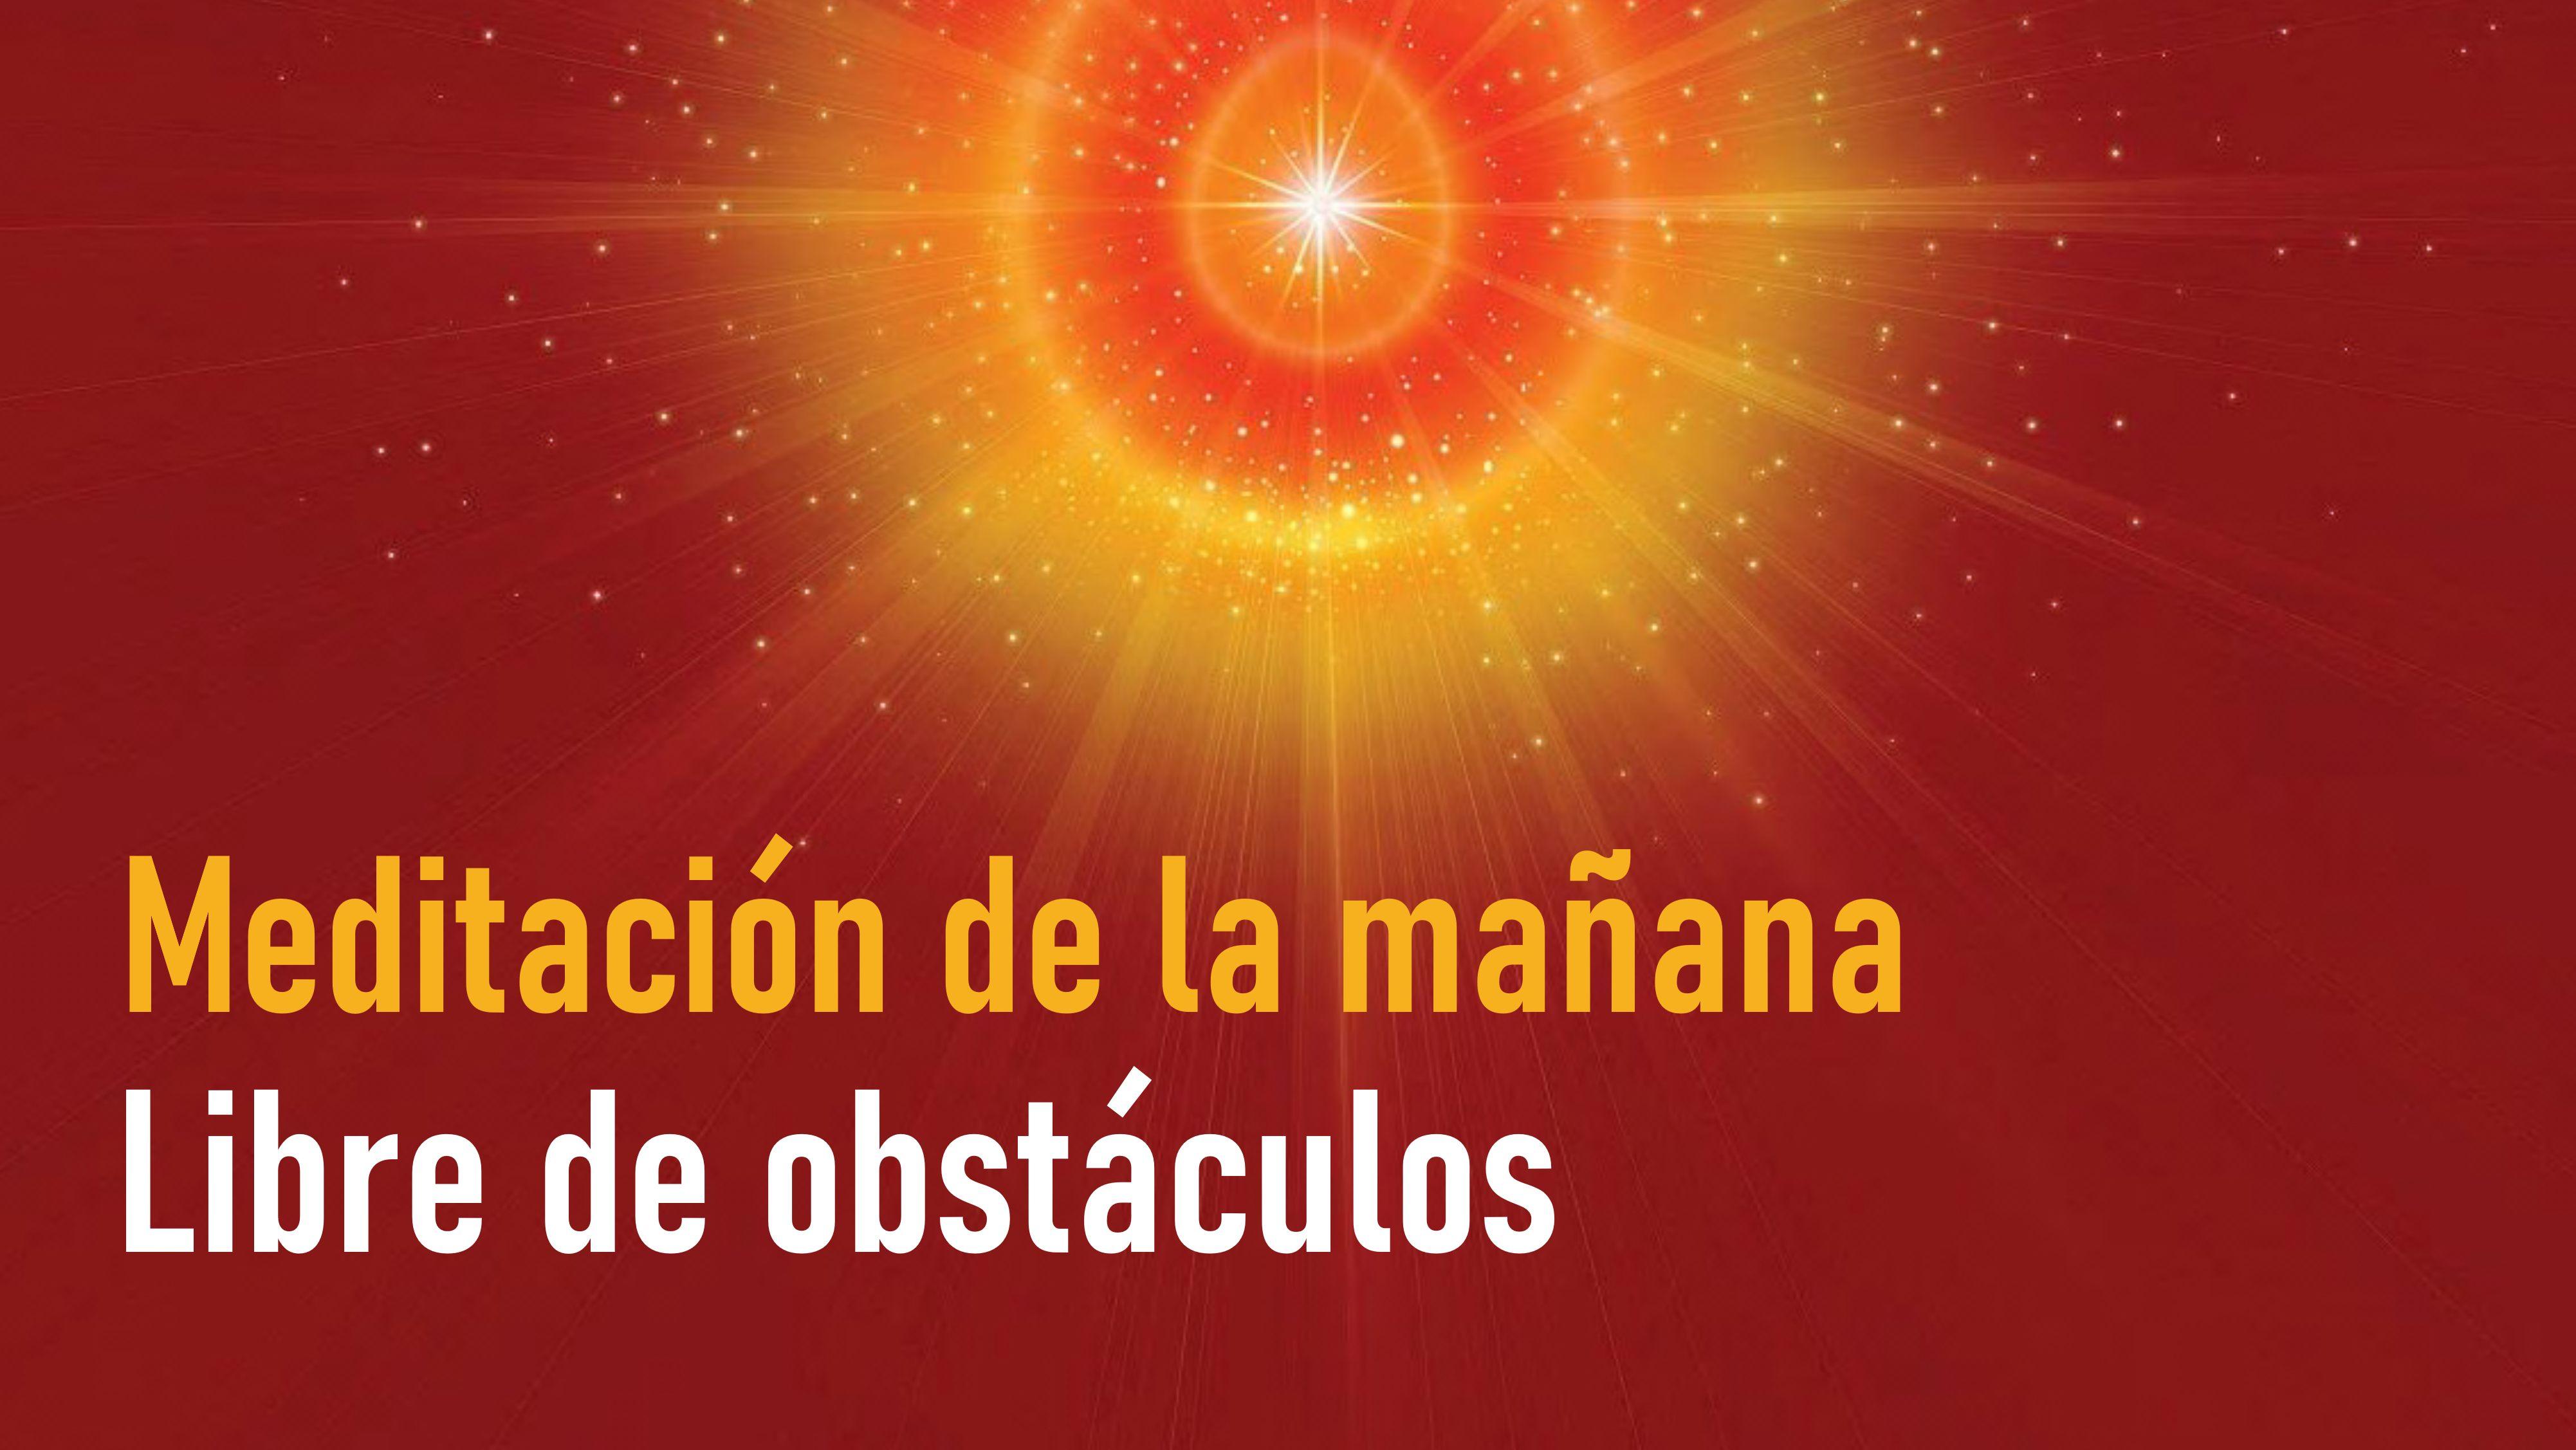 Meditación de la mañana: Libre de obstáculos (23 Septiembre de 2020)